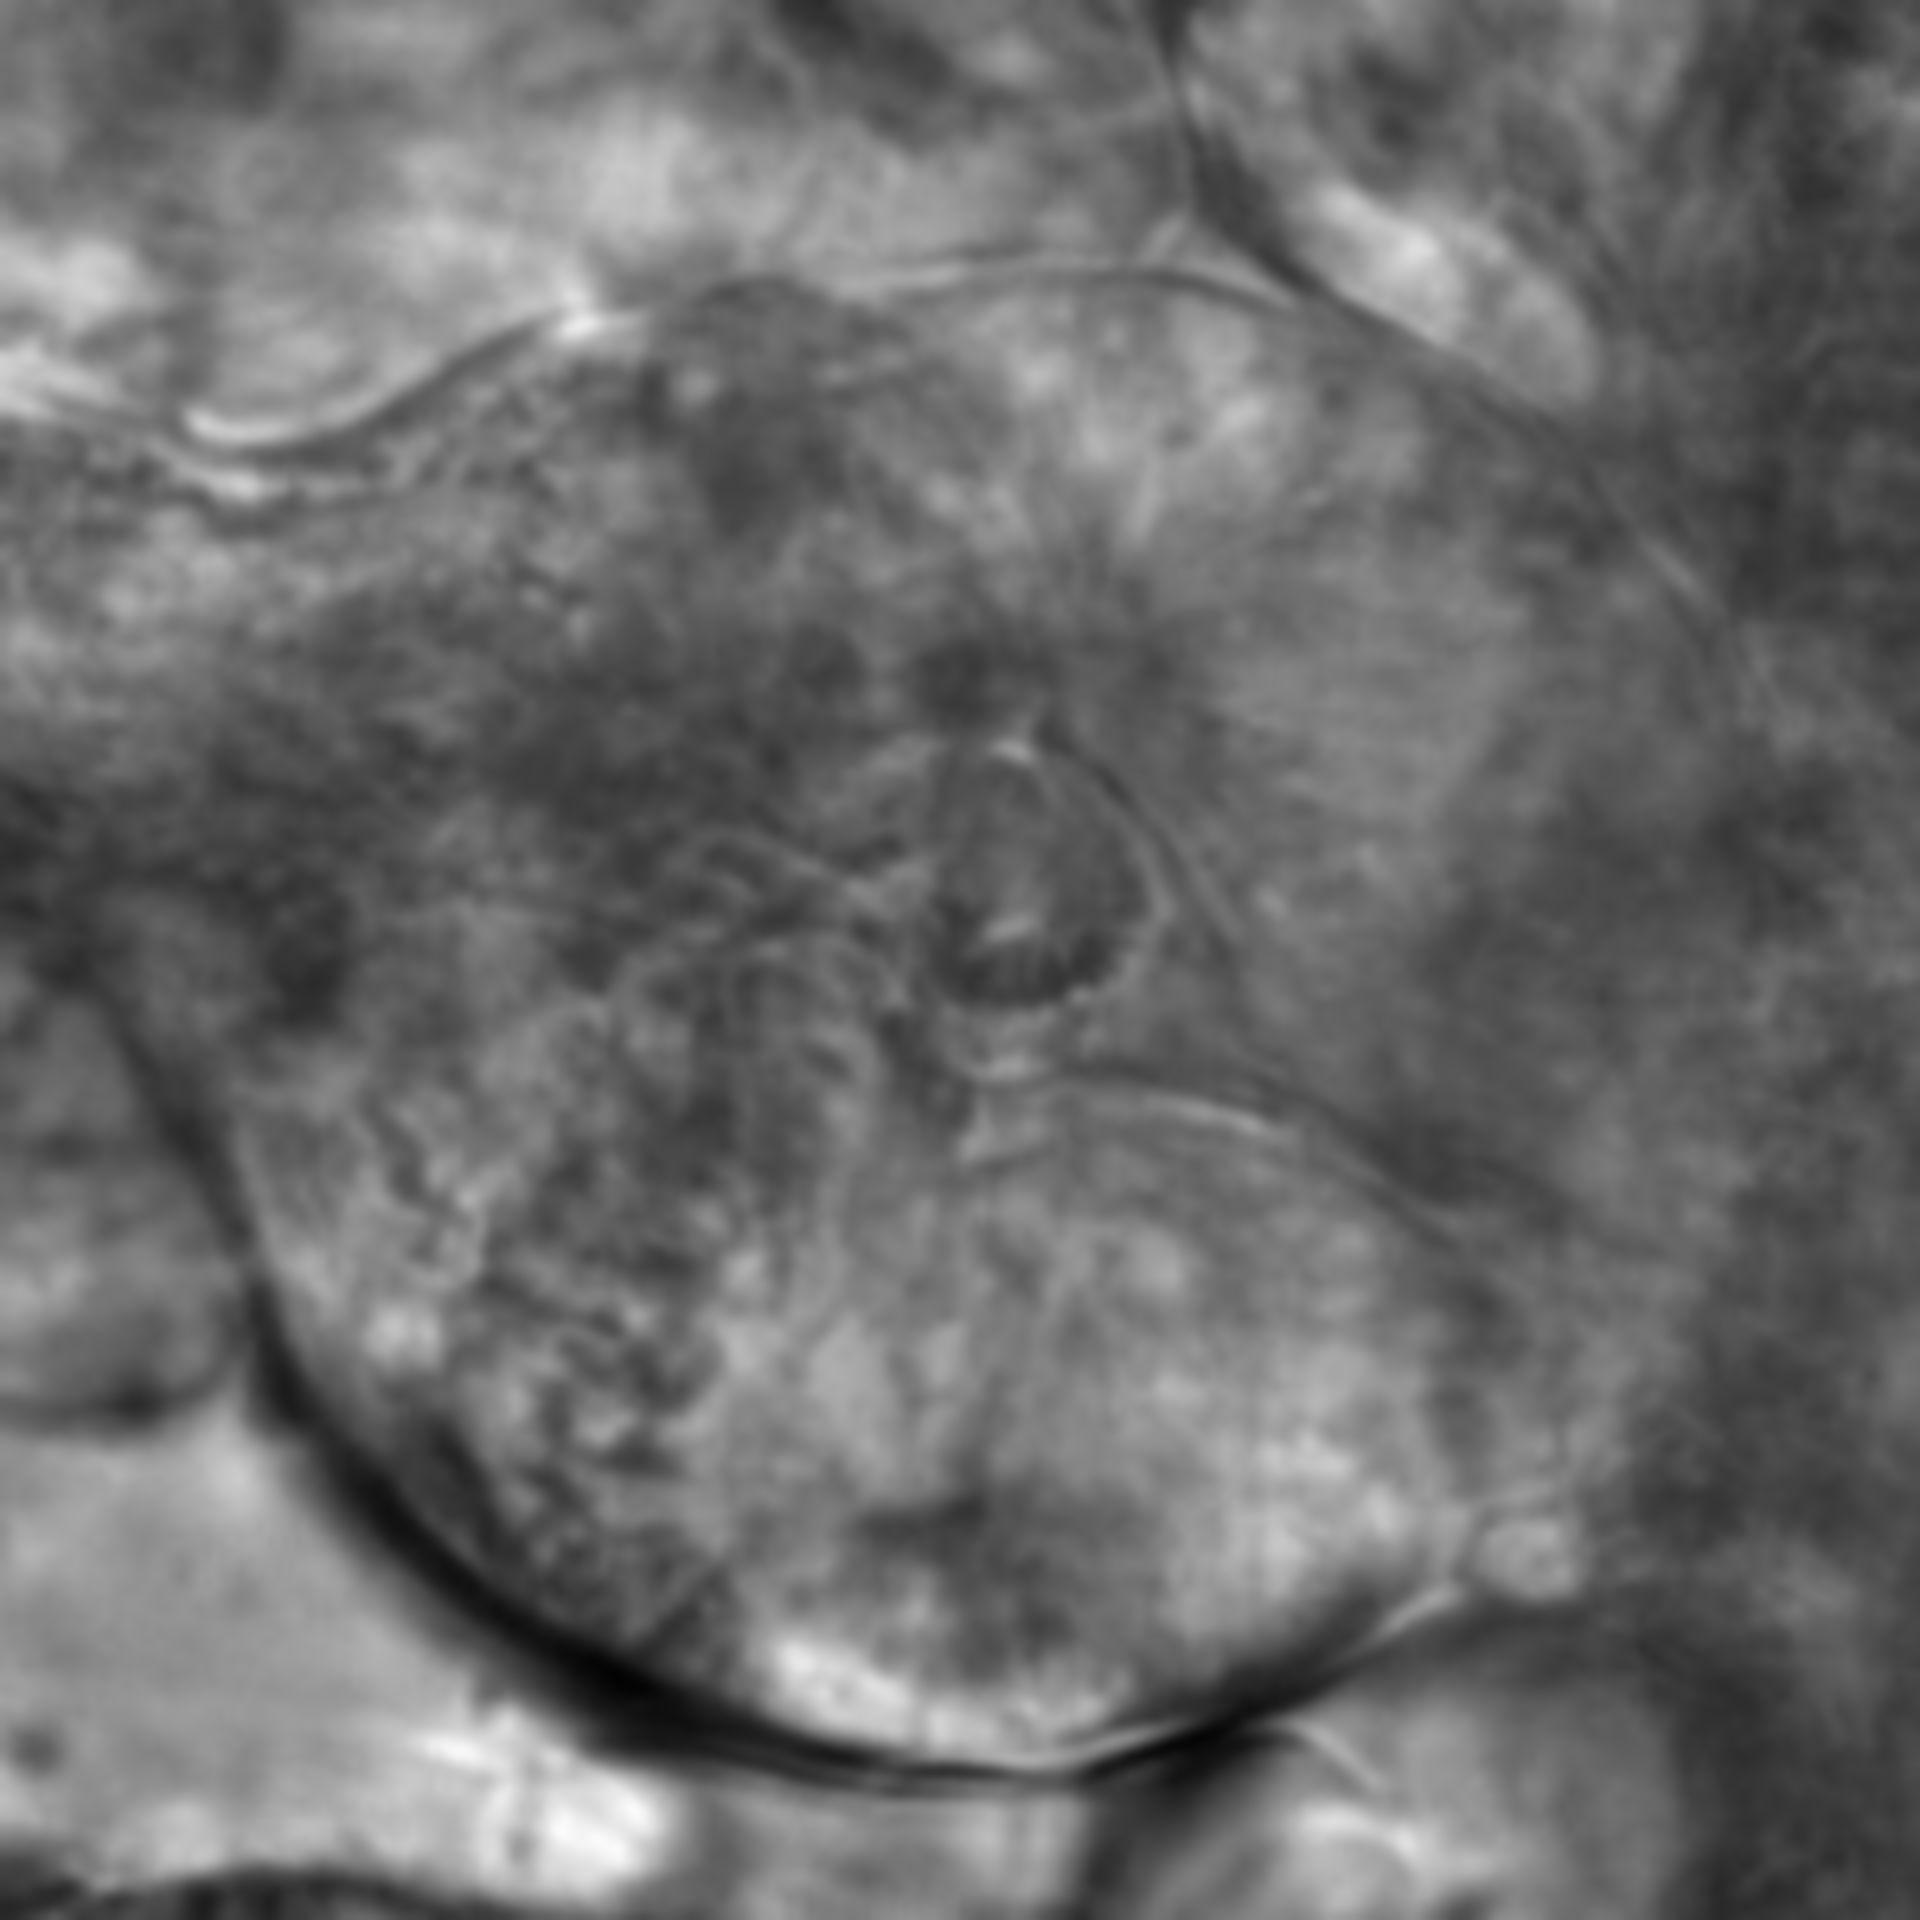 Caenorhabditis elegans - CIL:2840